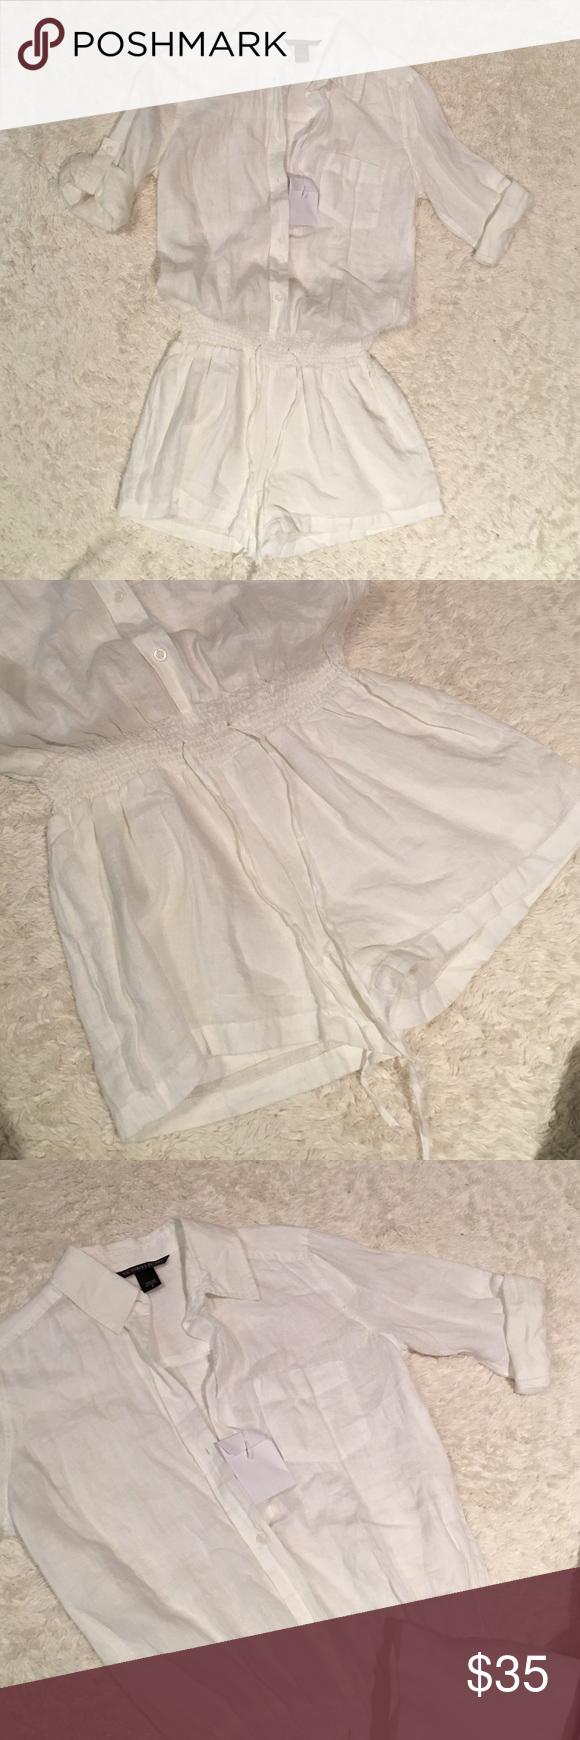 White linen VS 0 jumper shorts new Brand new- adorable!!!! White linen Victoria's Secret Shorts